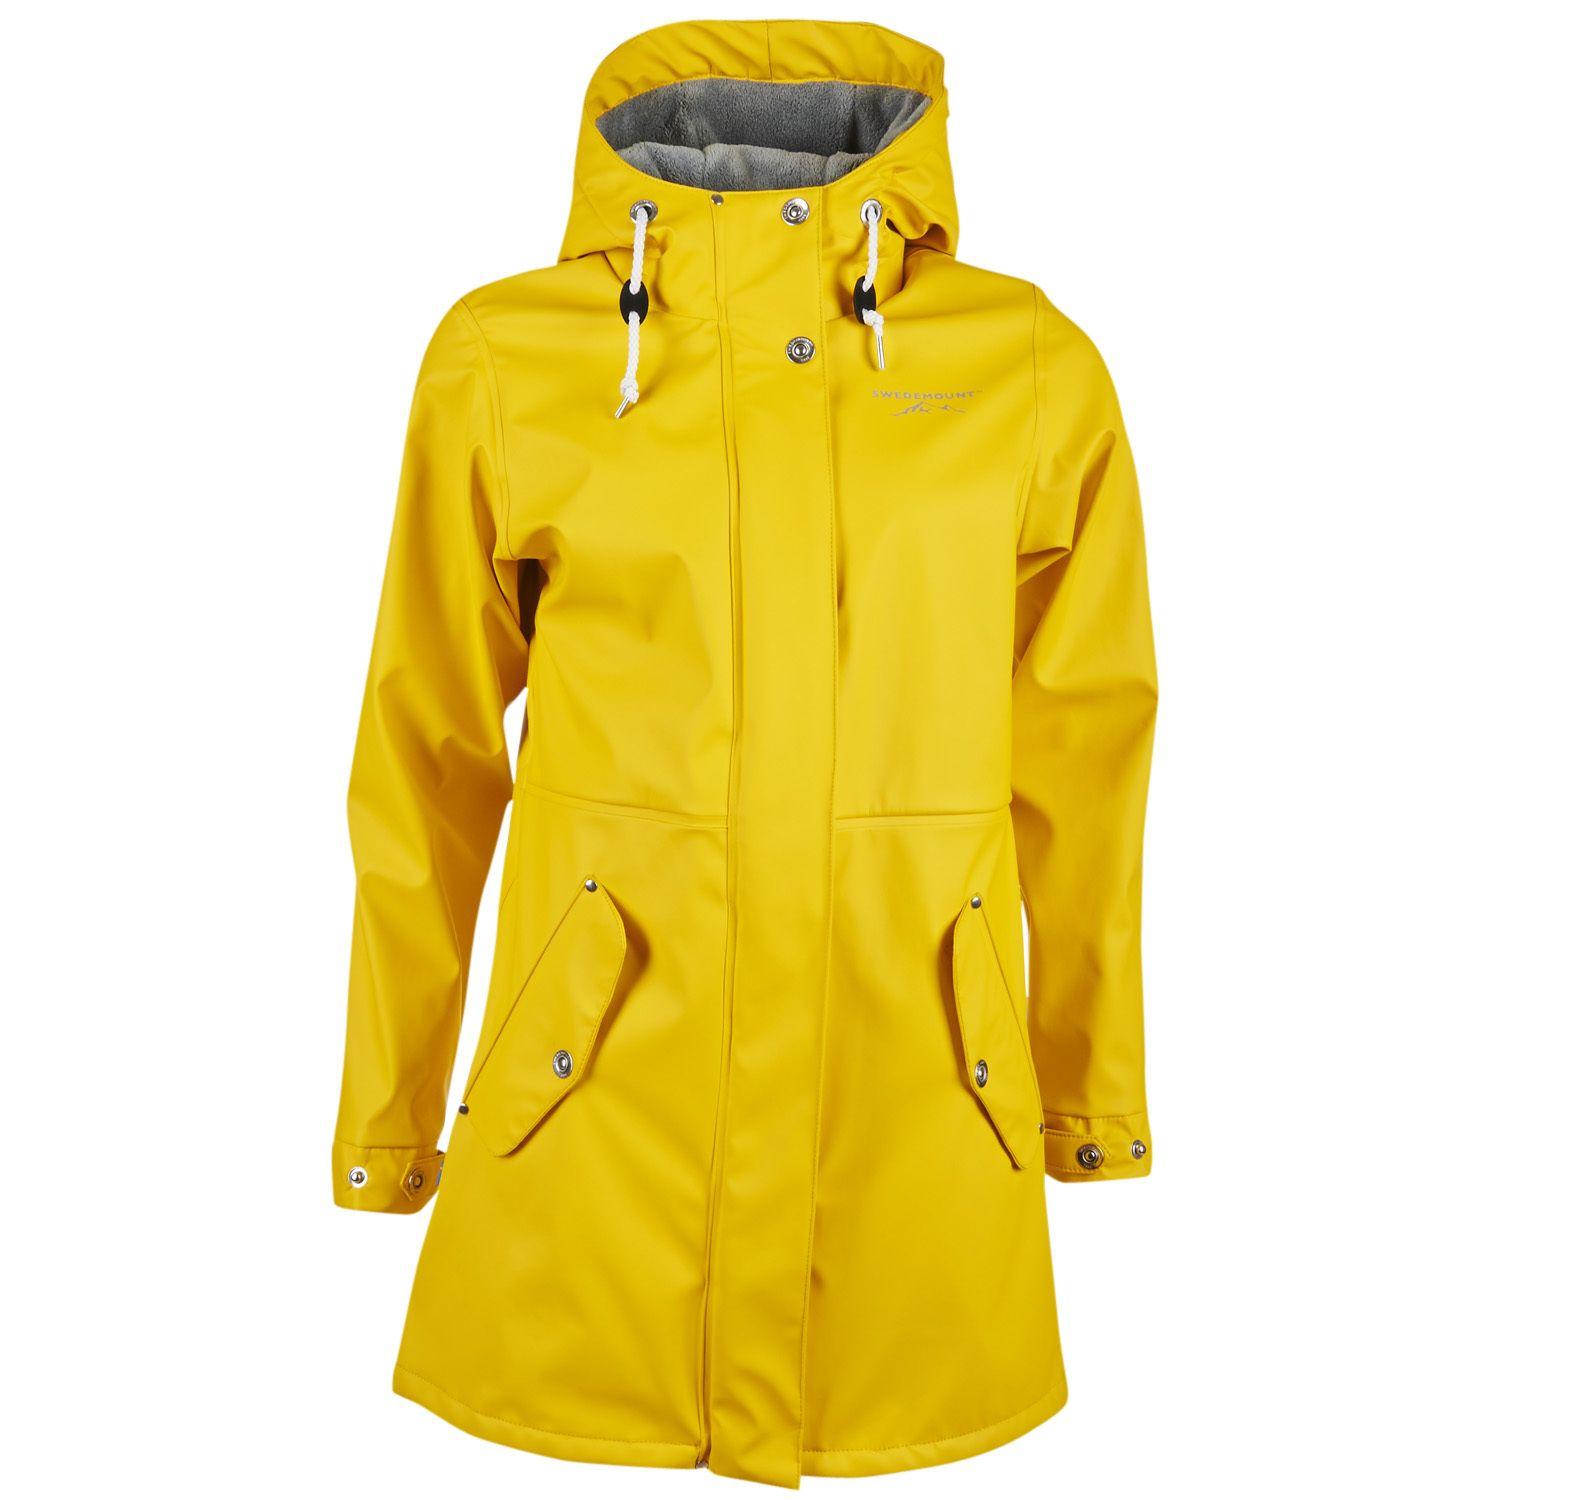 lammö coat w, yellow, 34, regnkläder